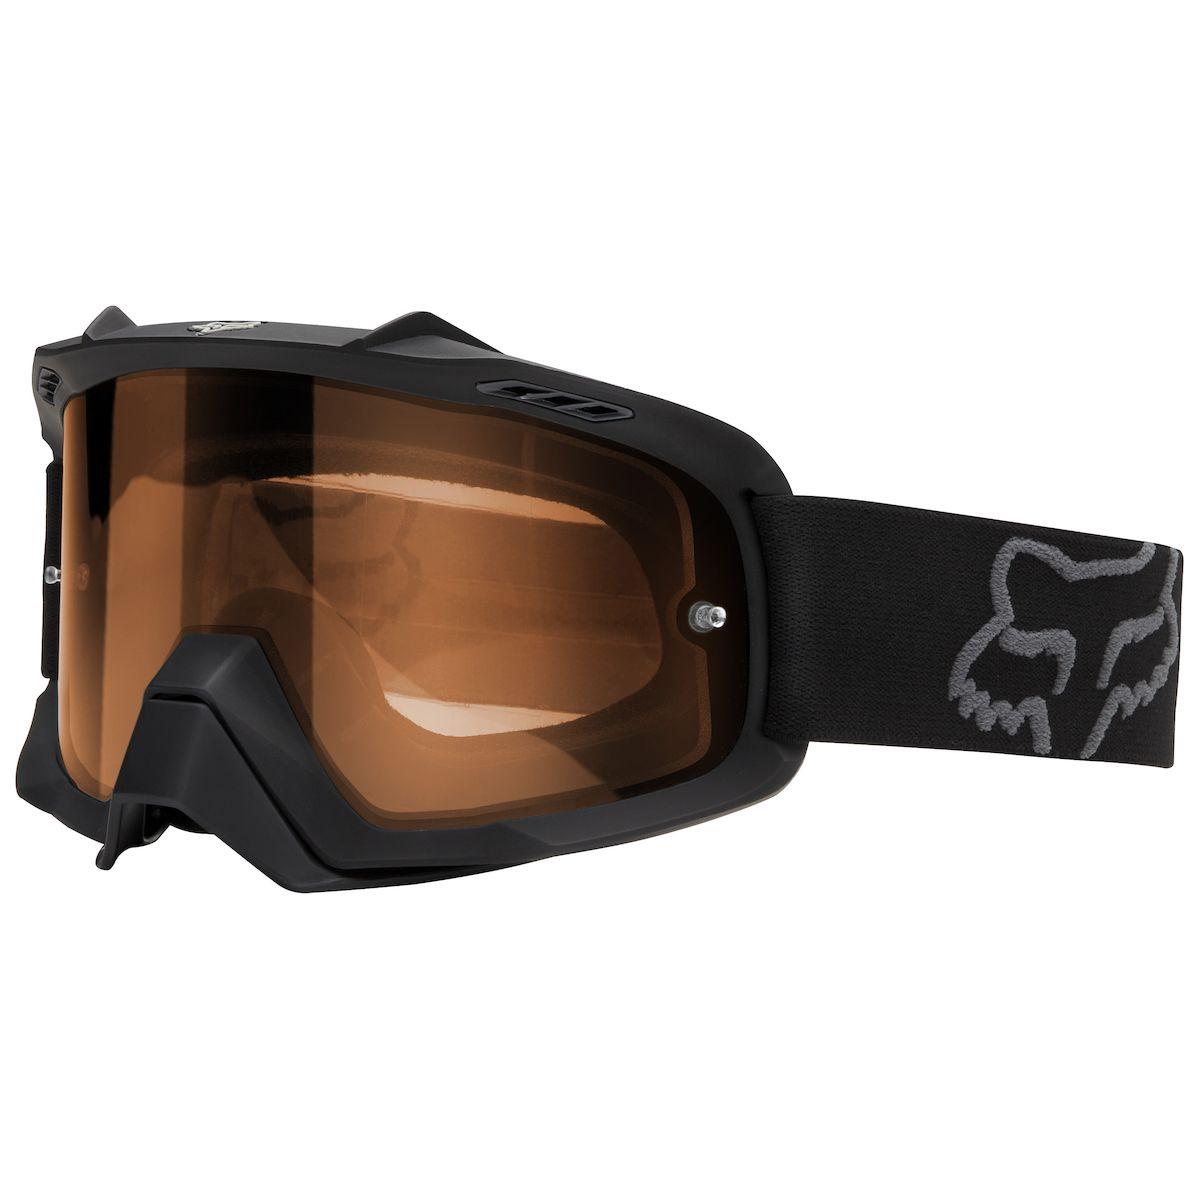 Fox - 2018 Air Space Enduro Matte Black/Orange очки, черные матовые с оранжевой линзой